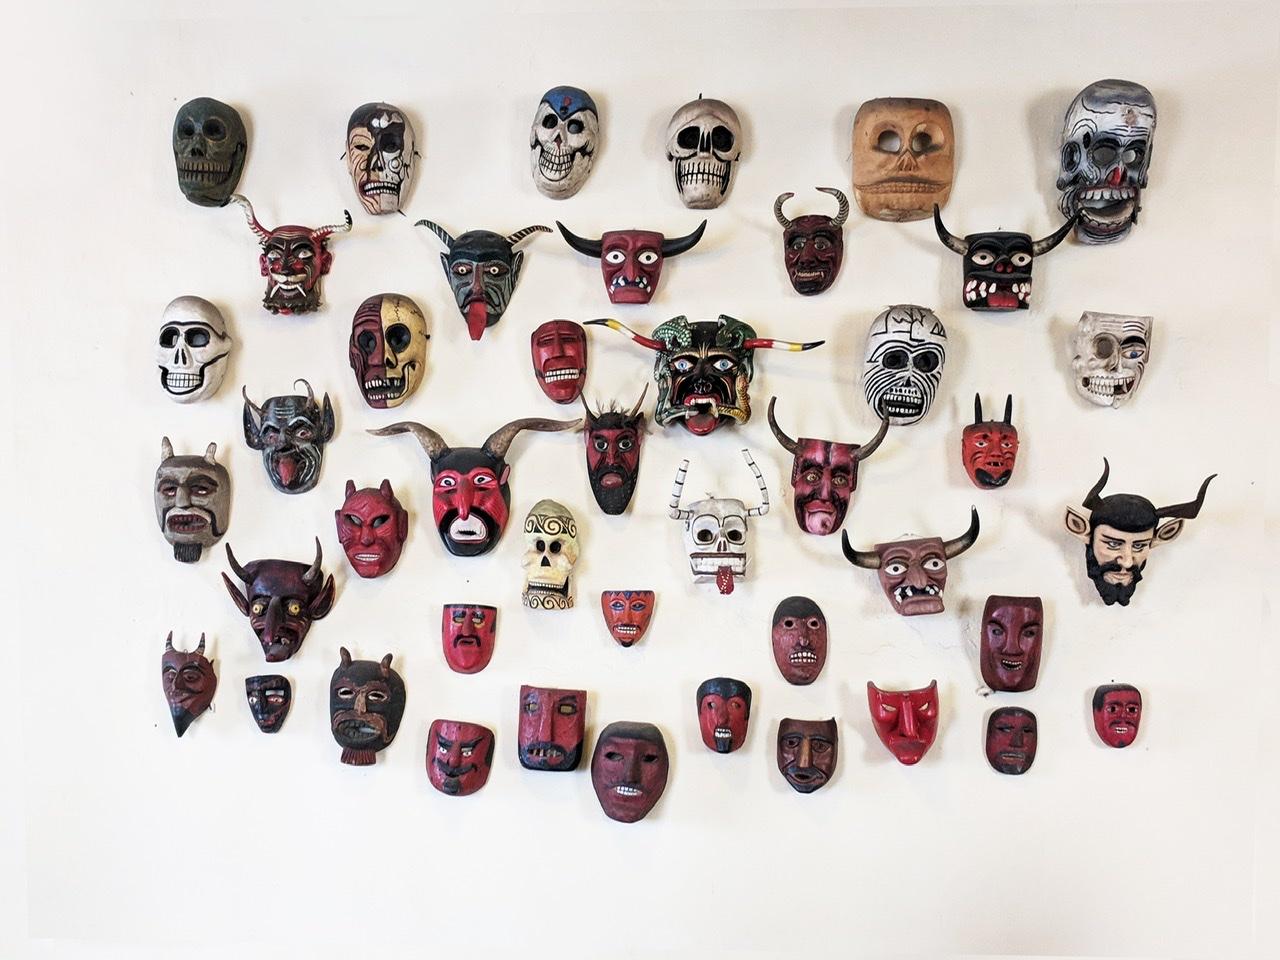 Devil masks feature